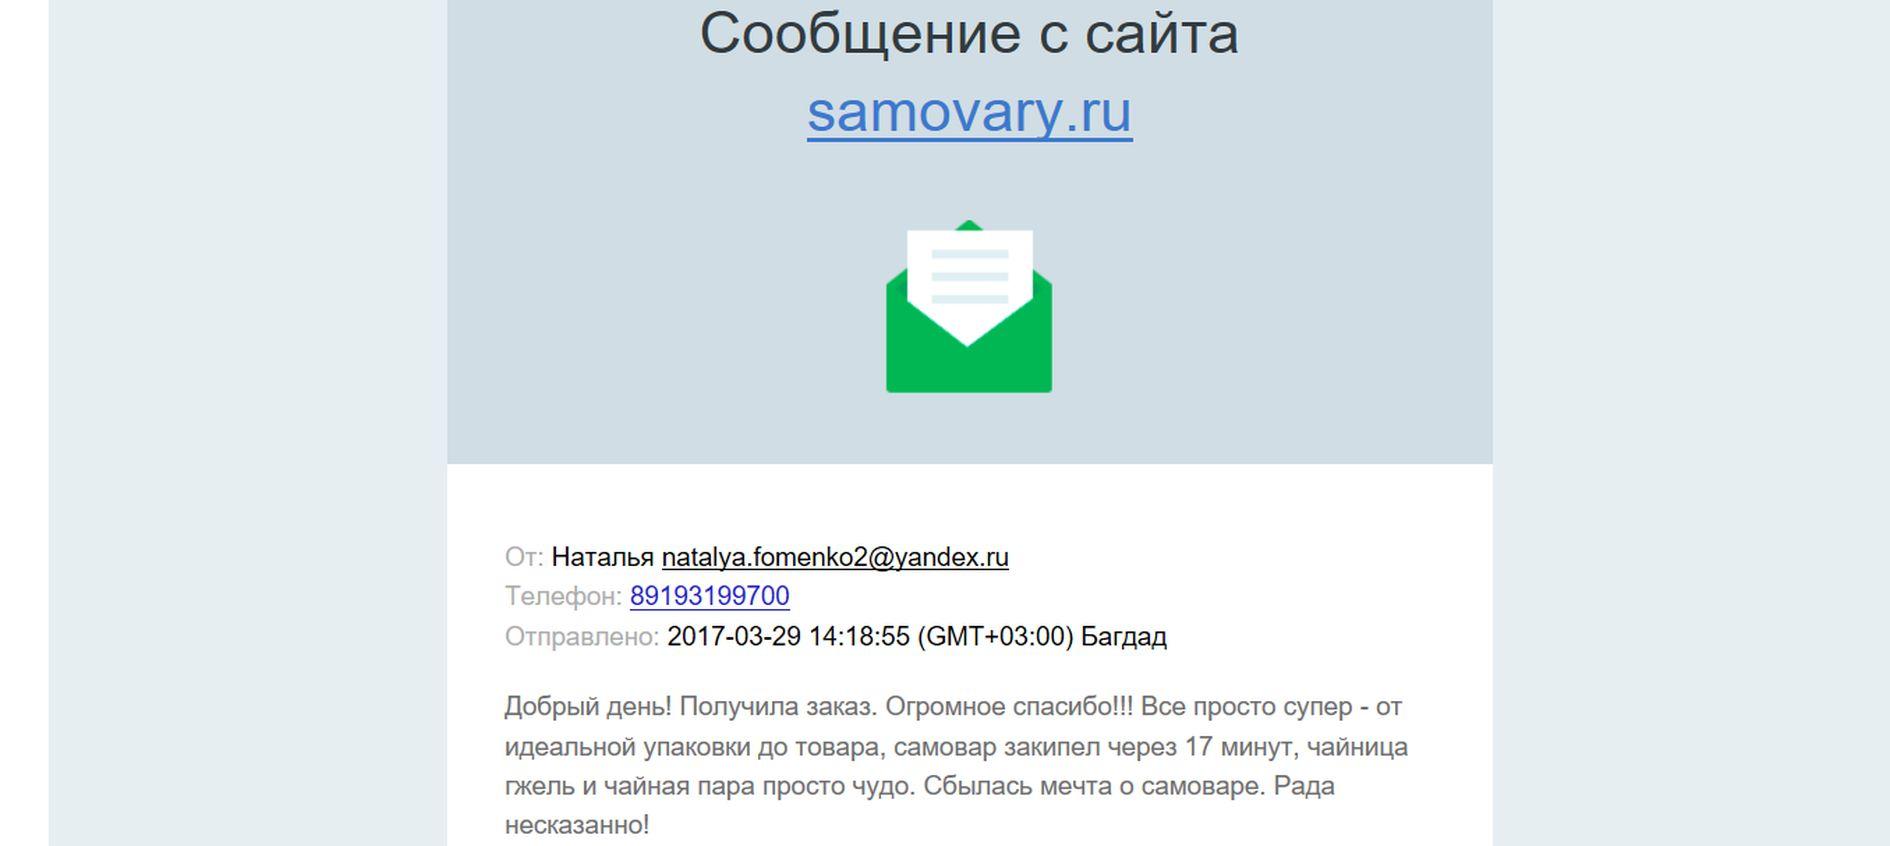 отзыв клиента магазина Самовары.ру - Тульские самовары